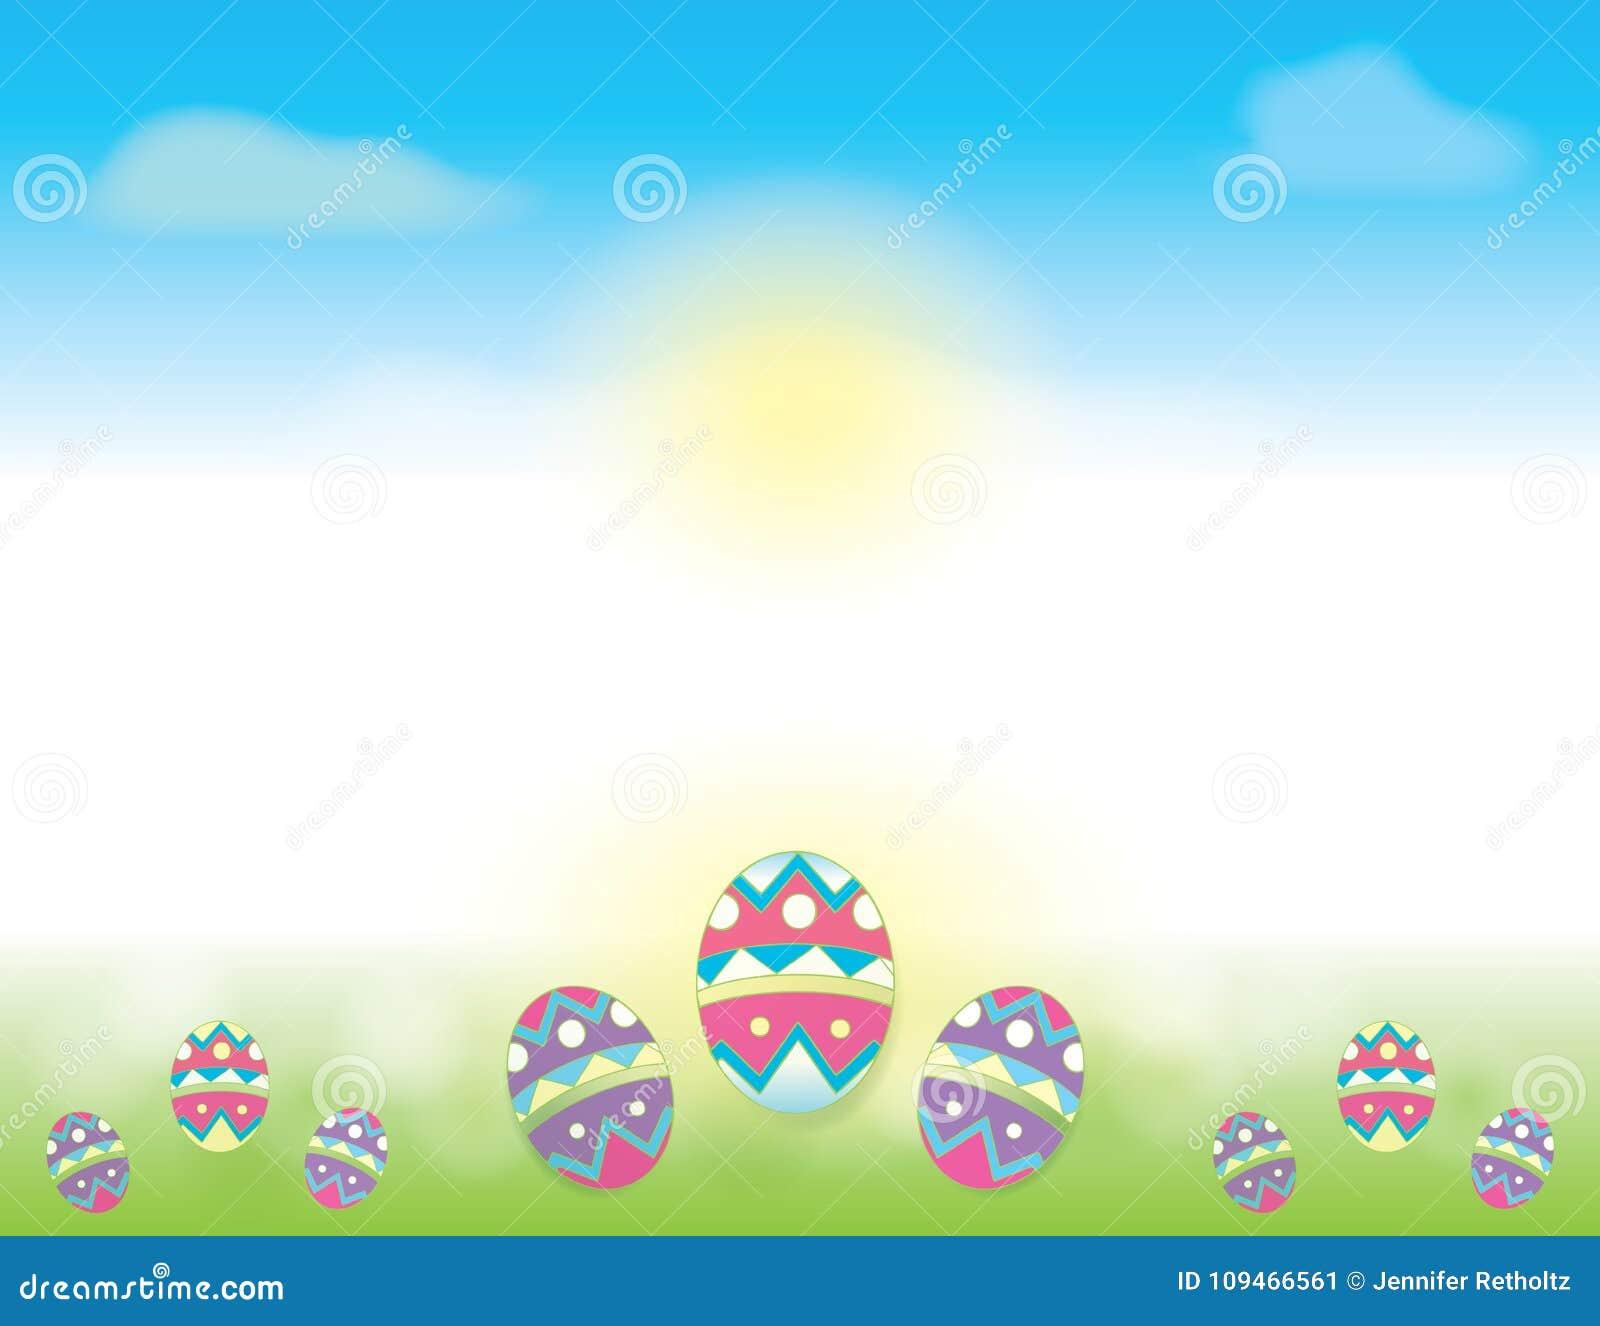 Fundo da Páscoa com céus azuis e ovos da páscoa decorados na grama verde